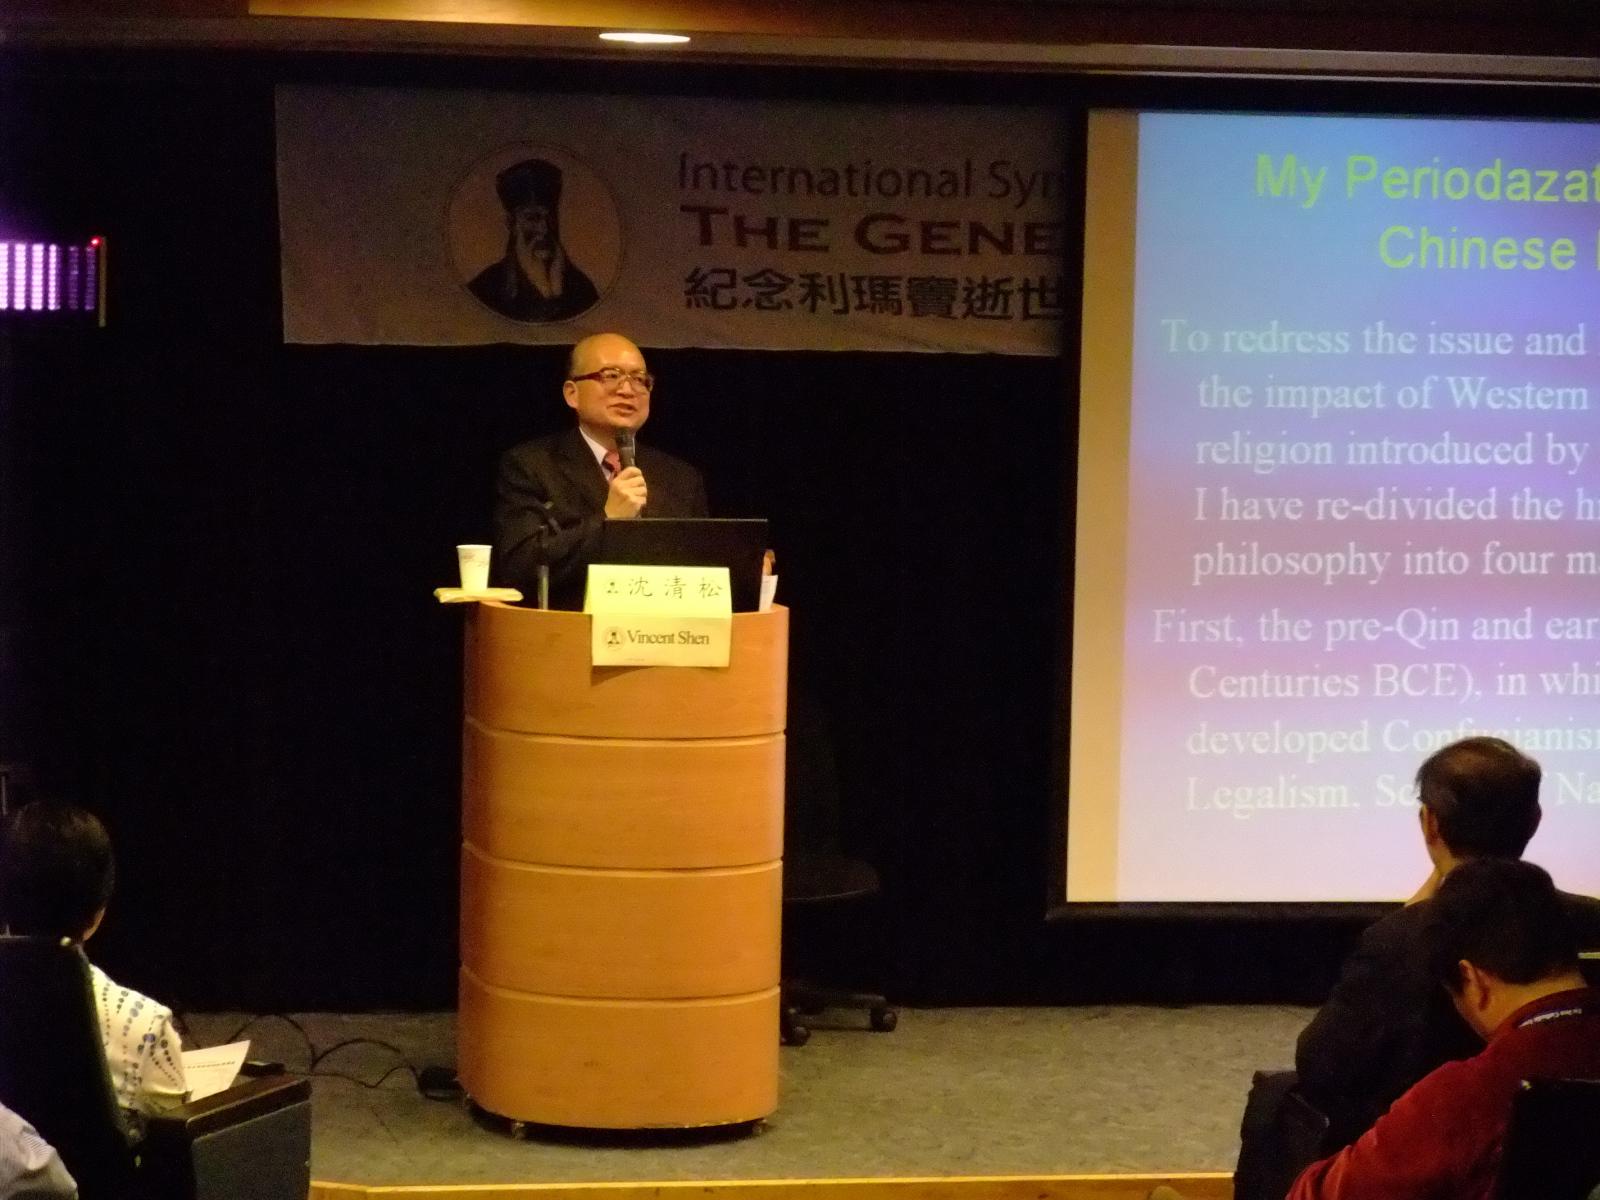 201004紀念利瑪竇逝世四百週年國際學術研討會-6